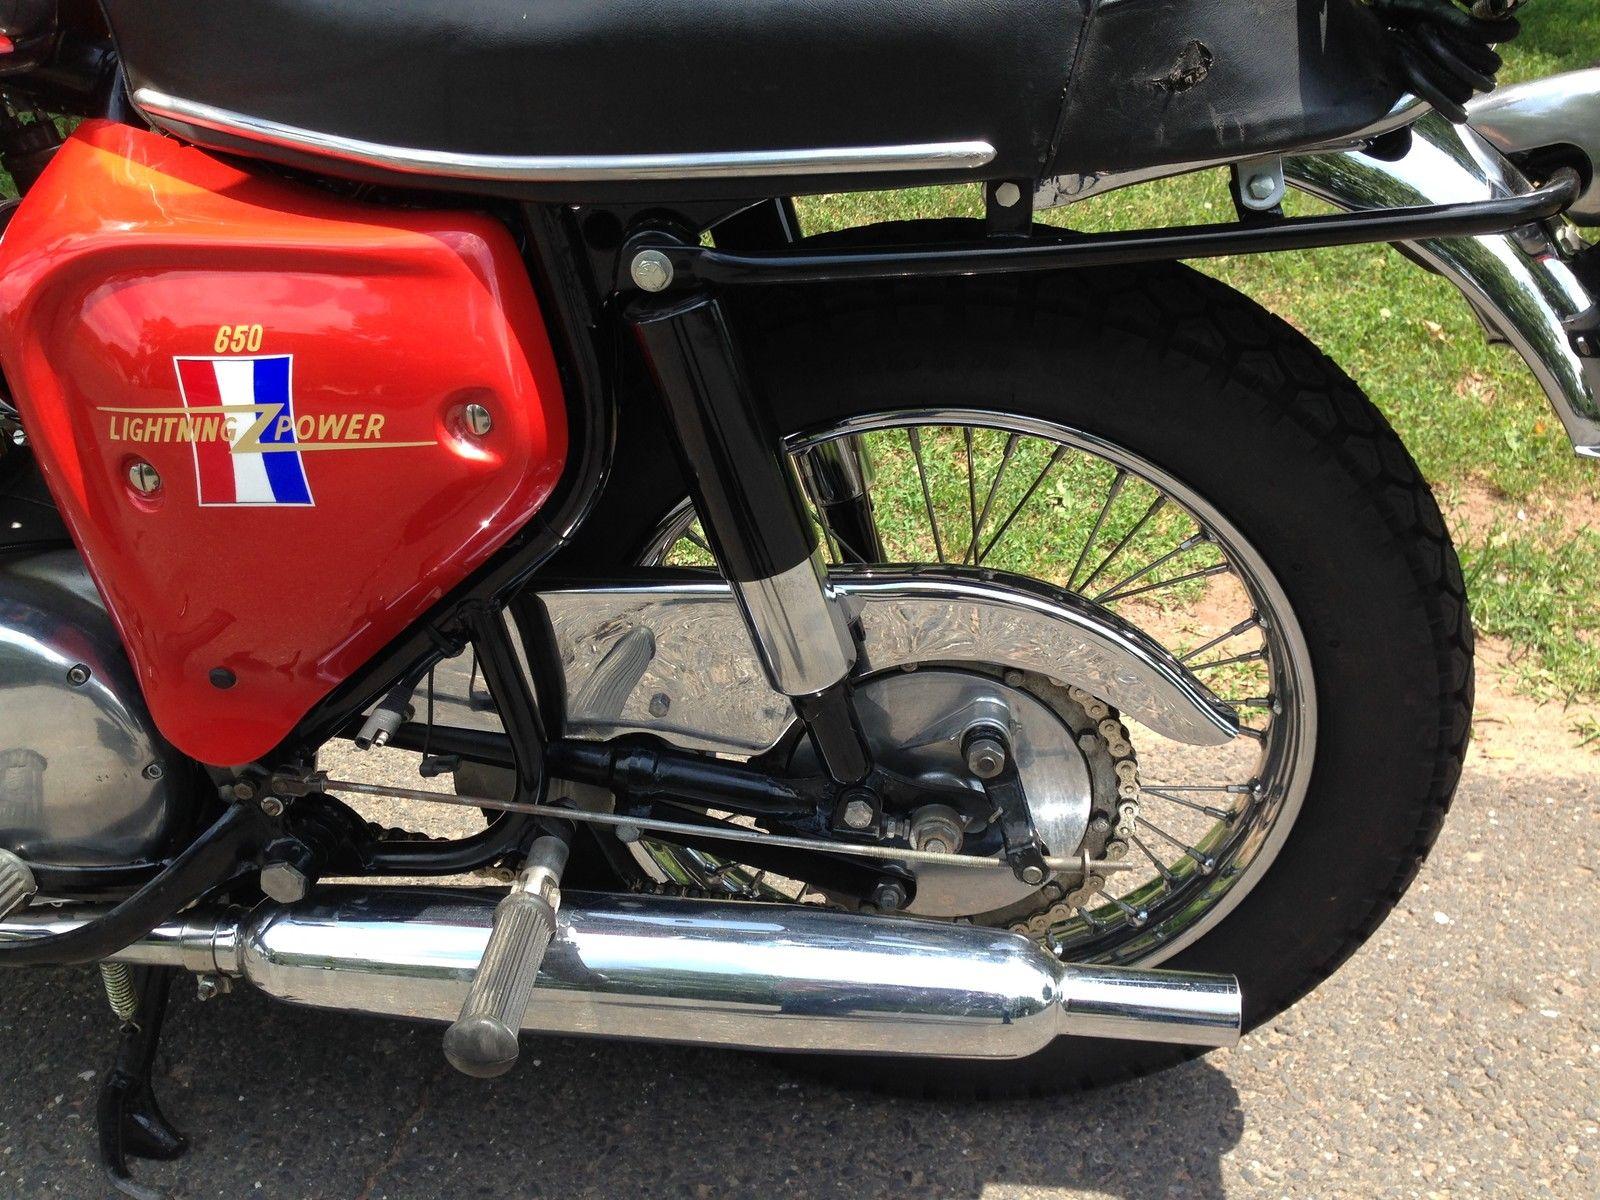 BSA Lightning - 1967